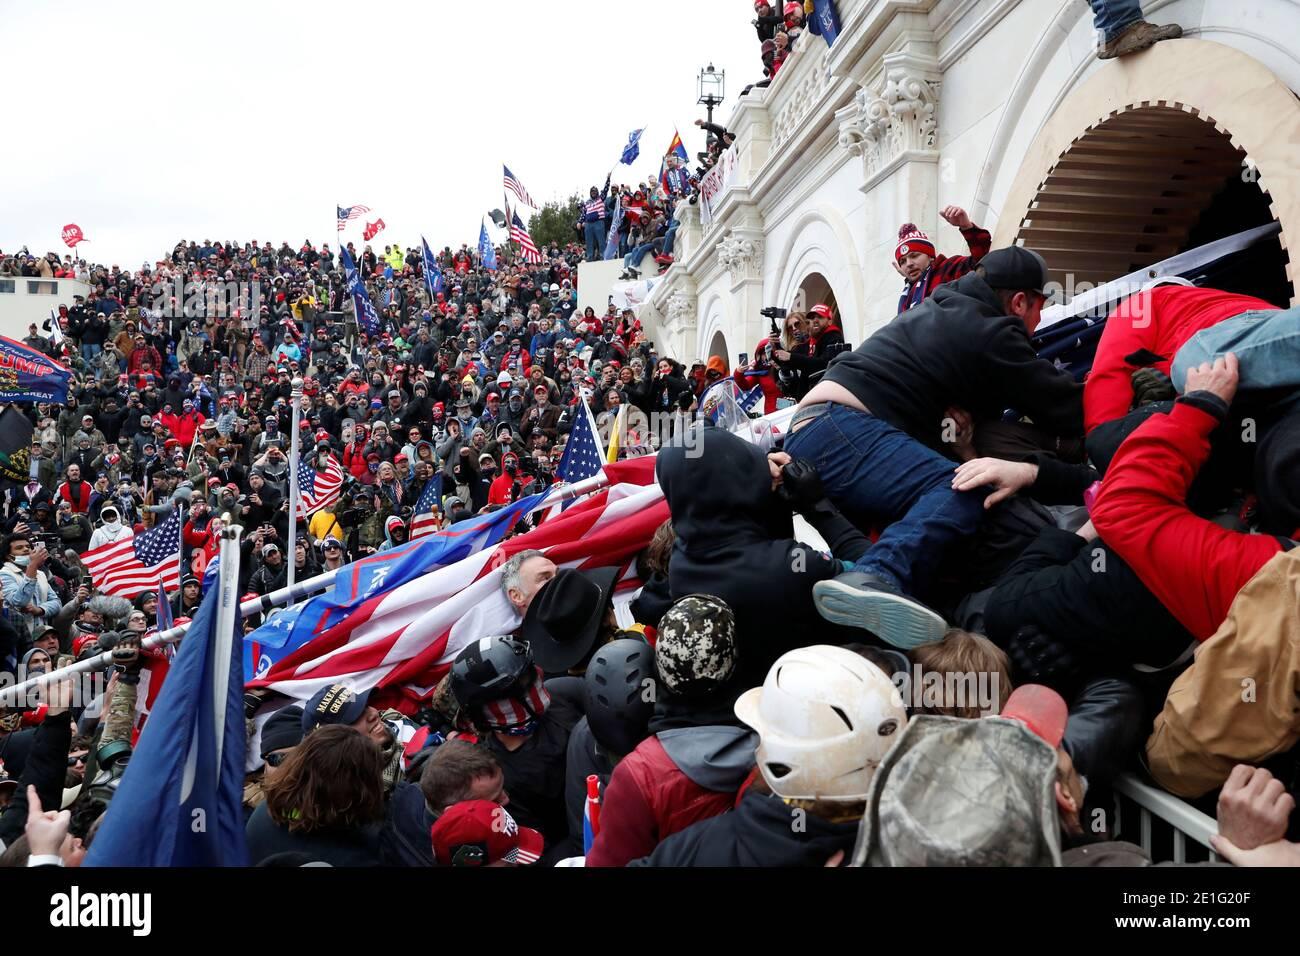 Los manifestantes pro-Trump se asomaron al Capitolio de los Estados Unidos durante enfrentamientos con la policía, durante una manifestación para impugnar la certificación de los resultados de las elecciones presidenciales de 2020 por el Congreso de los Estados Unidos, en Washington, EE.UU., 6 de enero de 2021. REUTERS/Shannon Stapleton Foto de stock